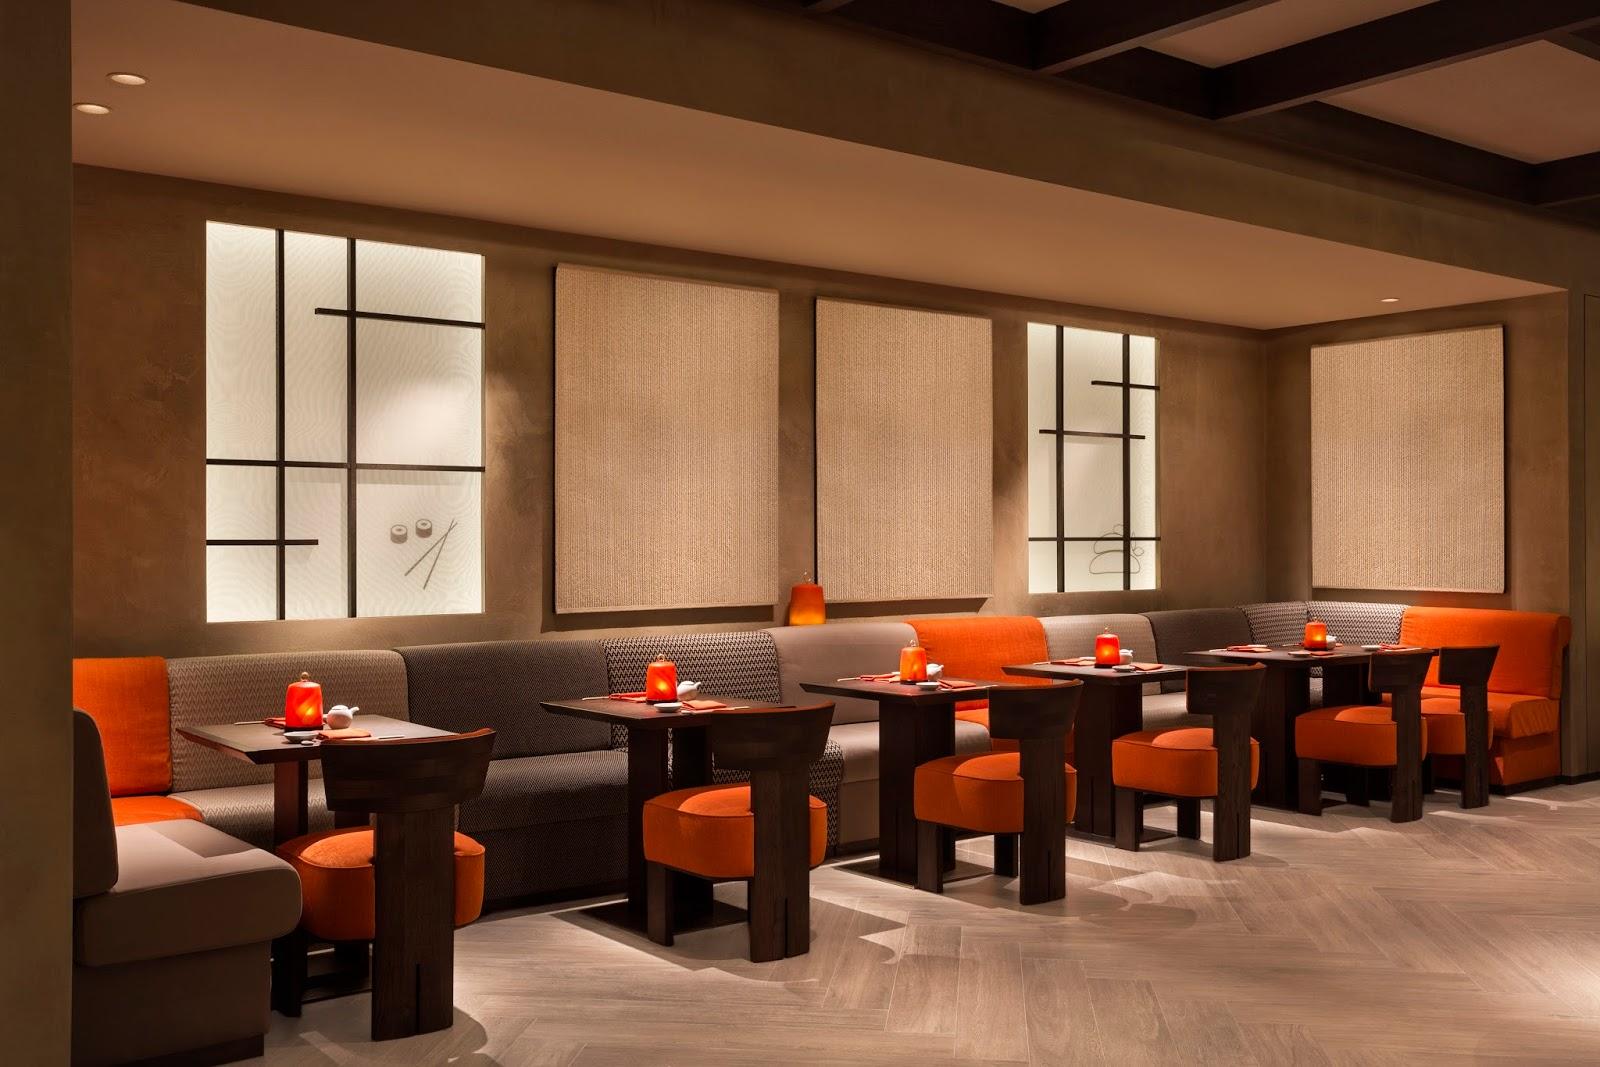 Armani Nobu Milan - Japanese restaurant in Milan